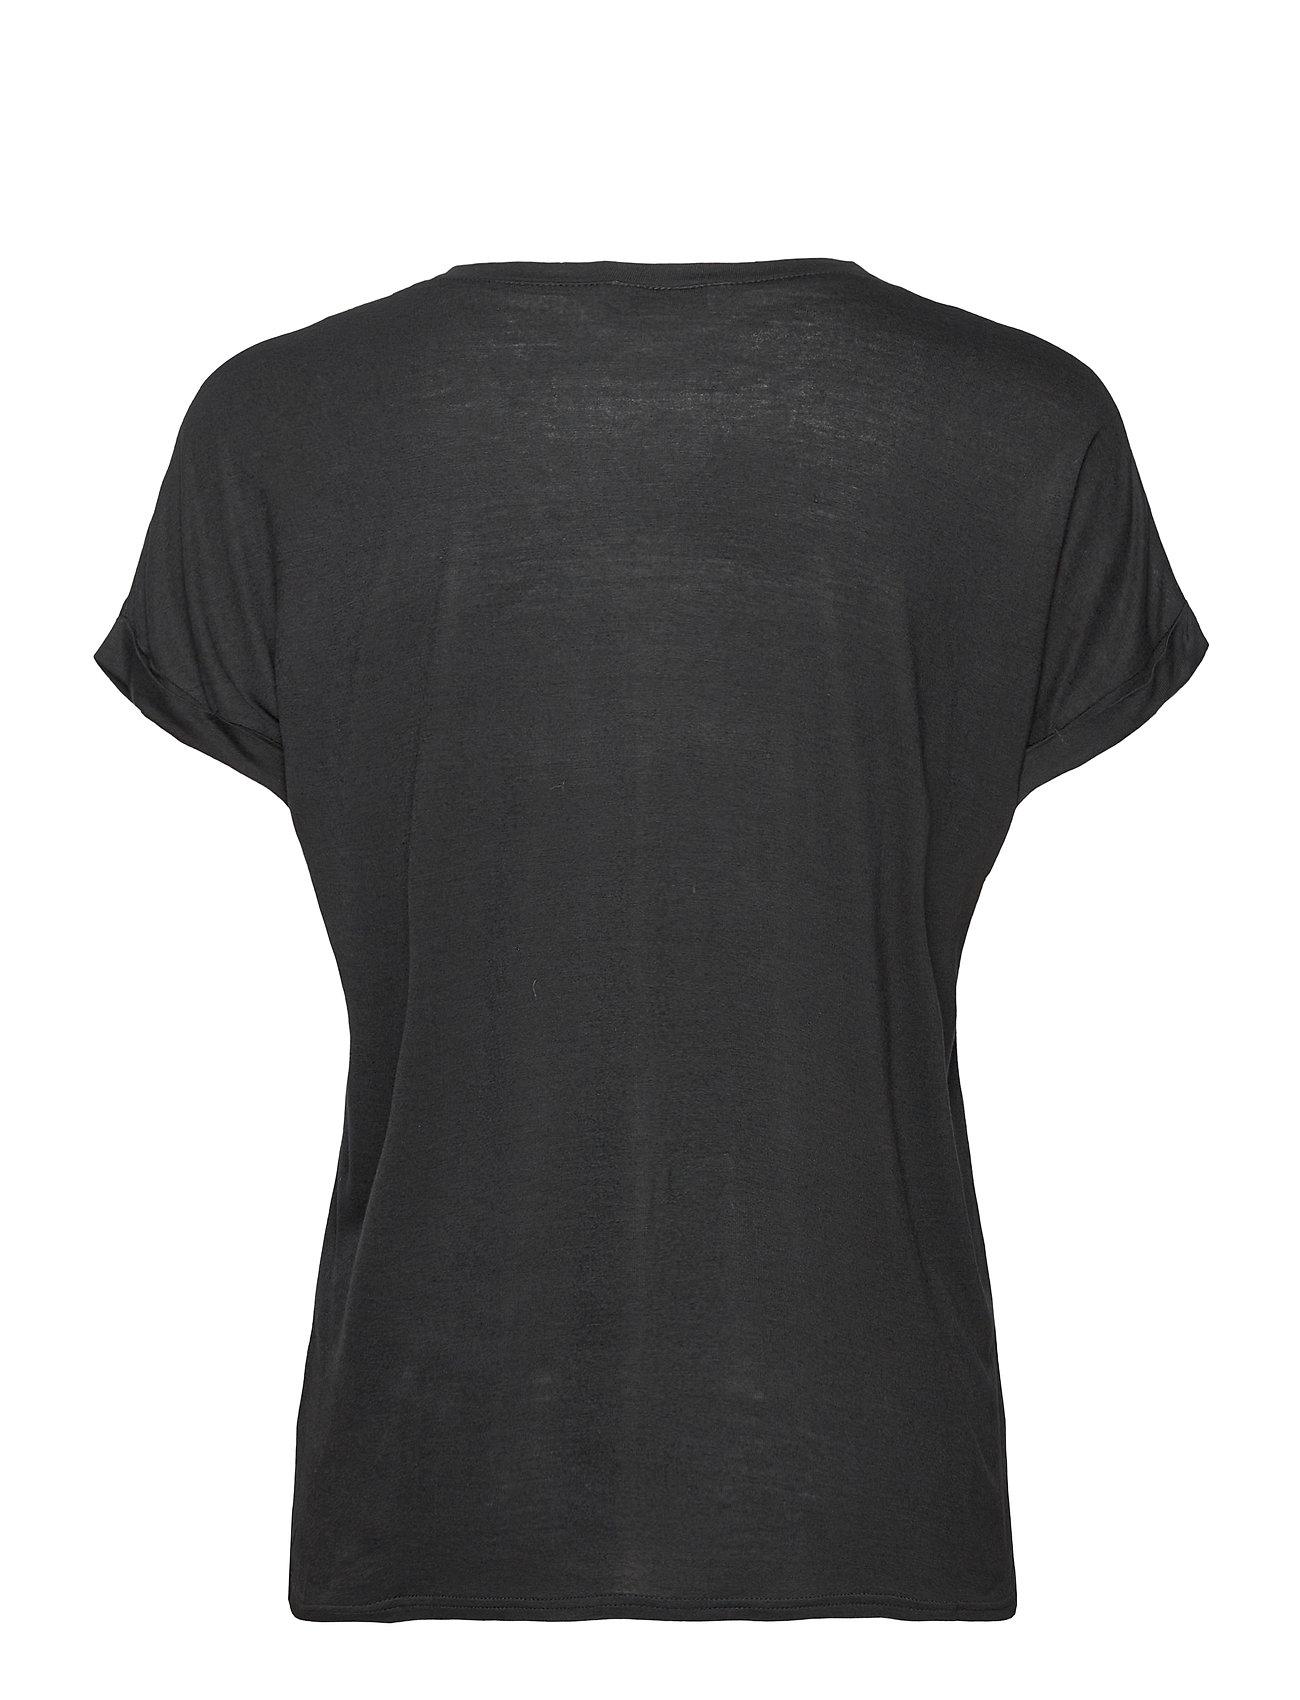 SPARKZ COPENHAGEN Jules Solid (Black) 129 kr   Stort utbud av designermärken t0yDDeRo